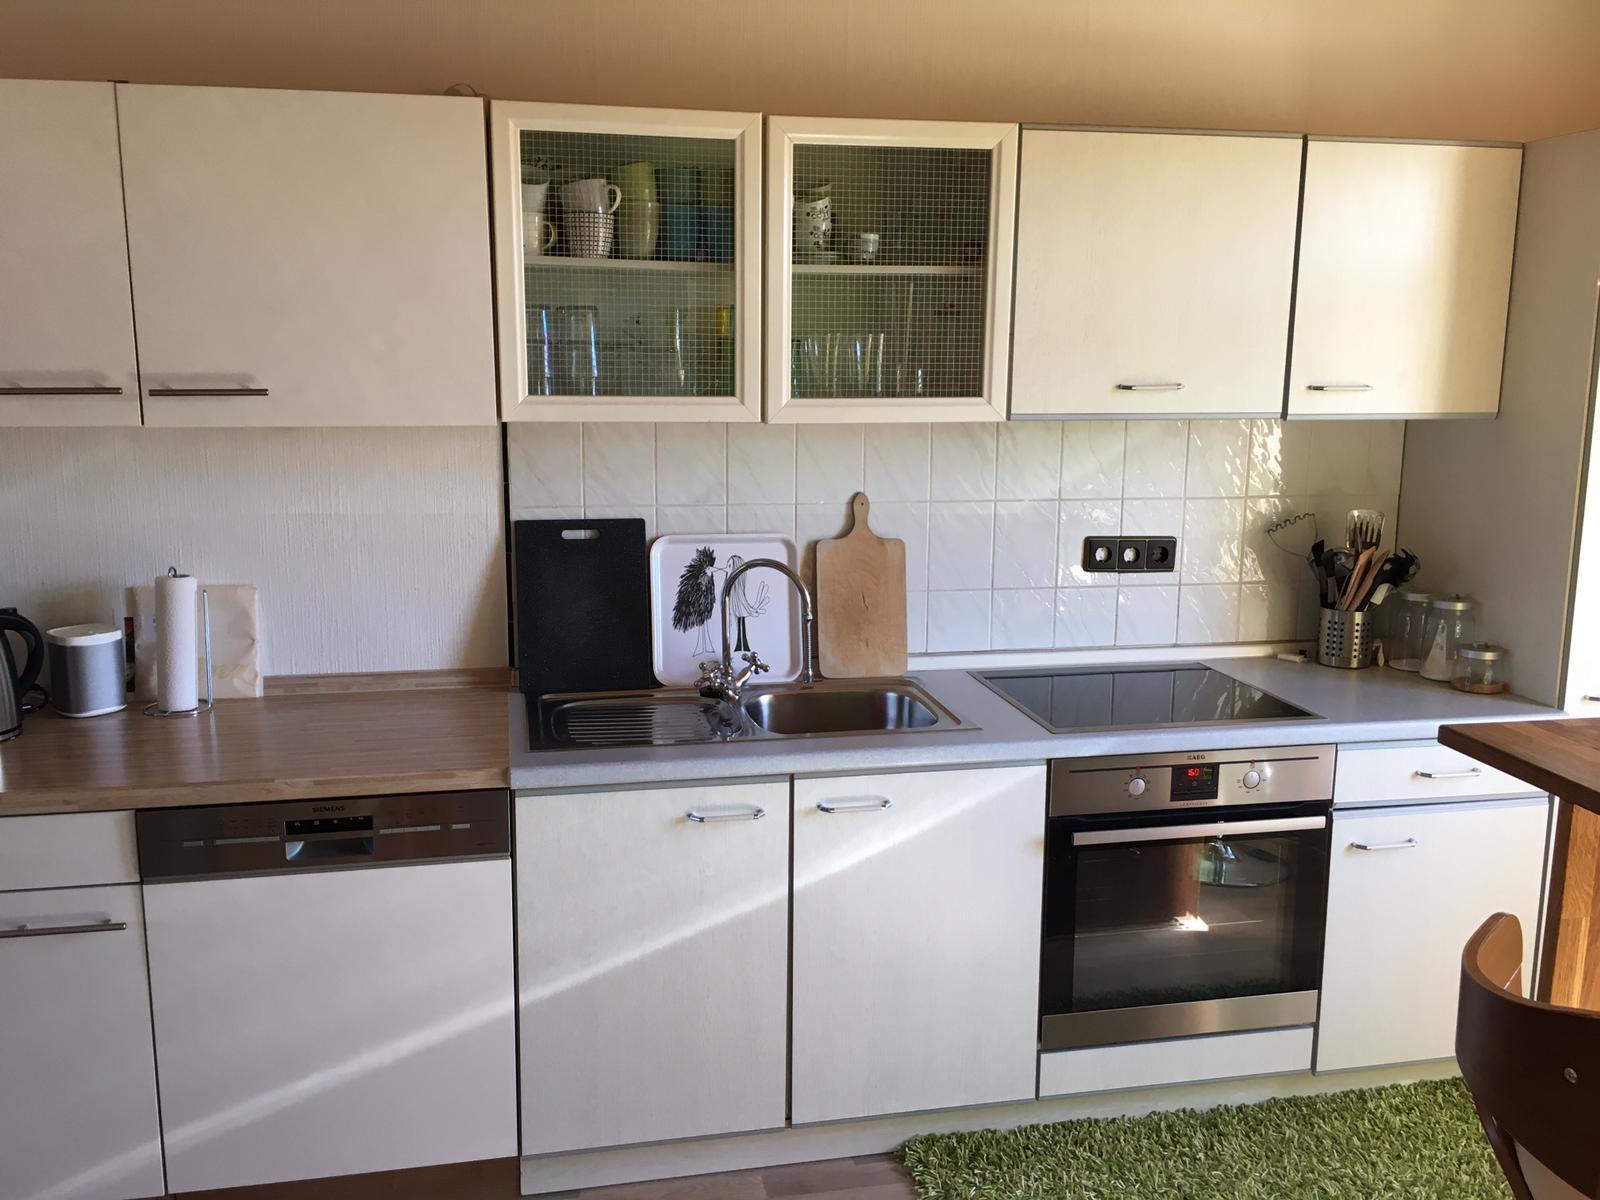 Küche mit Herd + Ceranfeld und Spühlmaschine.